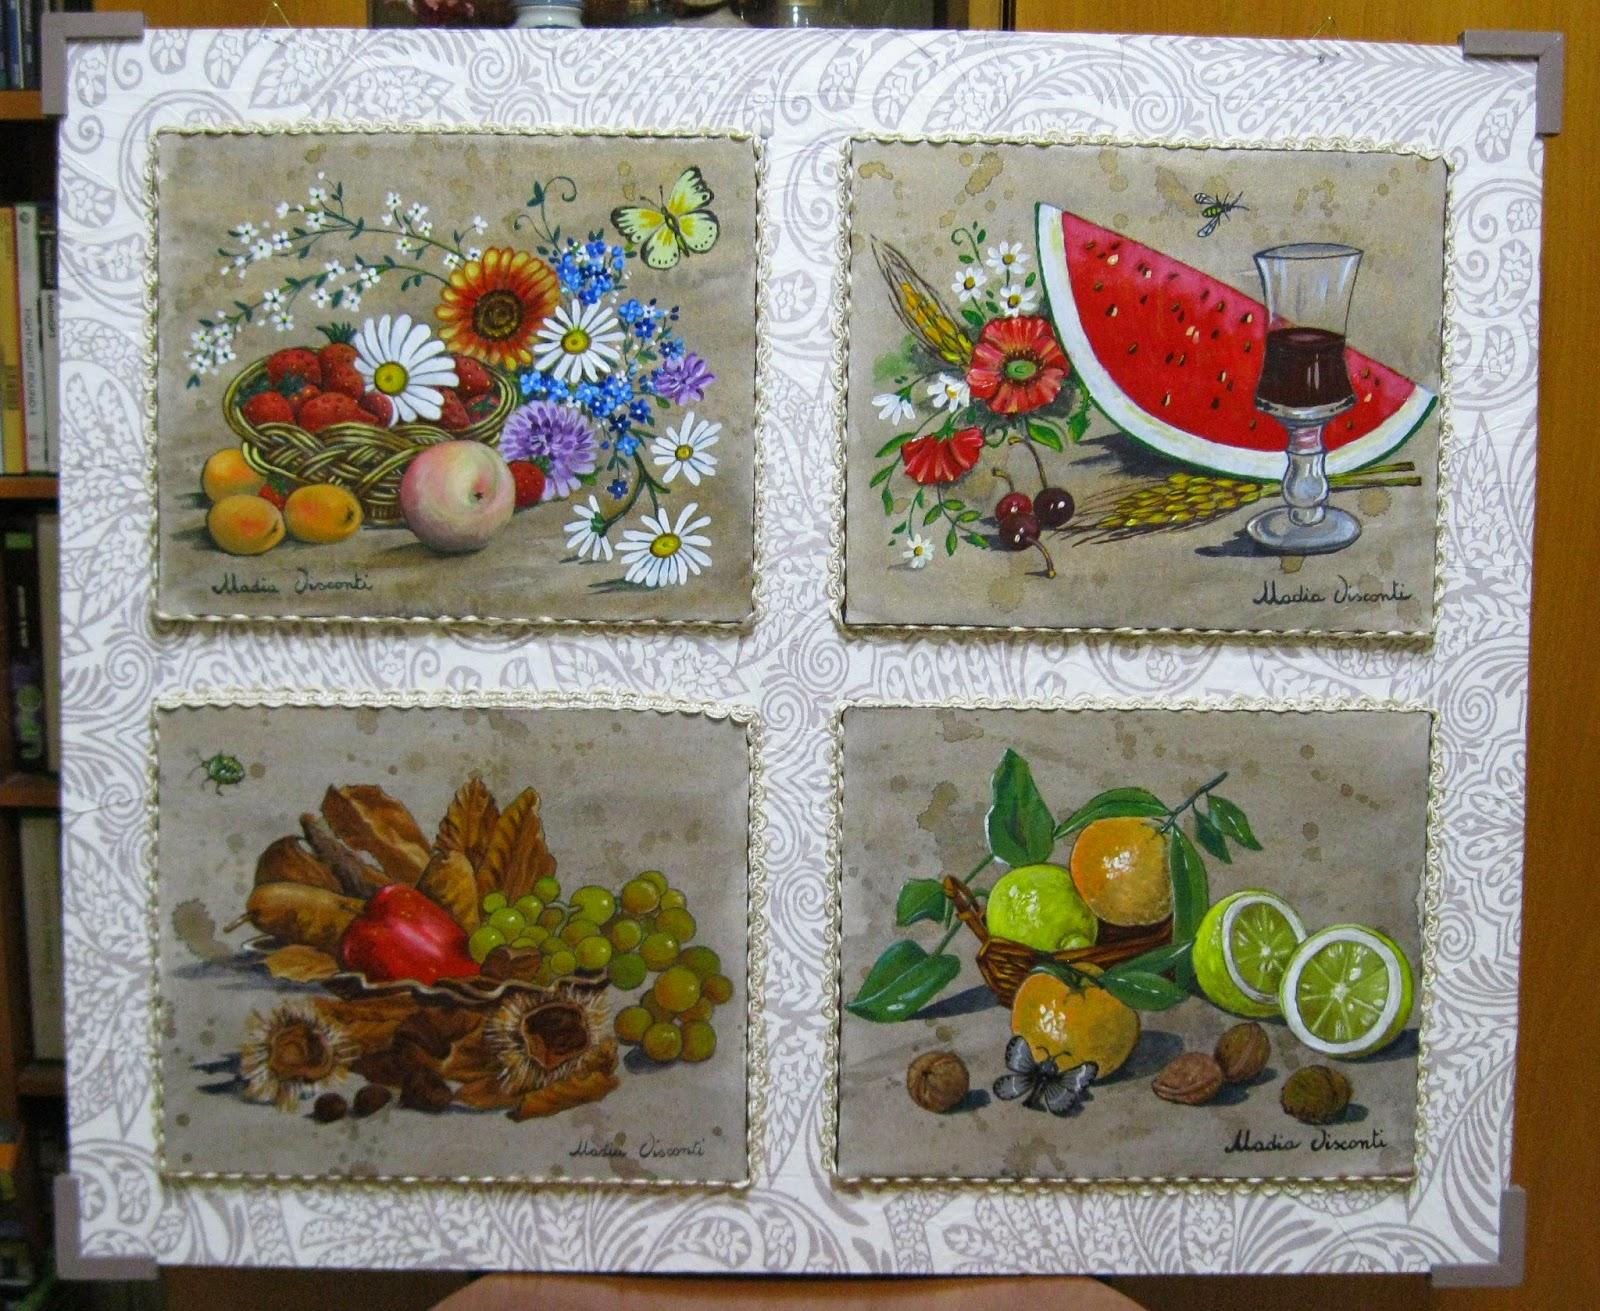 Tra sogno e realt le 4 stagioni con frutta fiori e insetti for Immagini di quadri con fiori